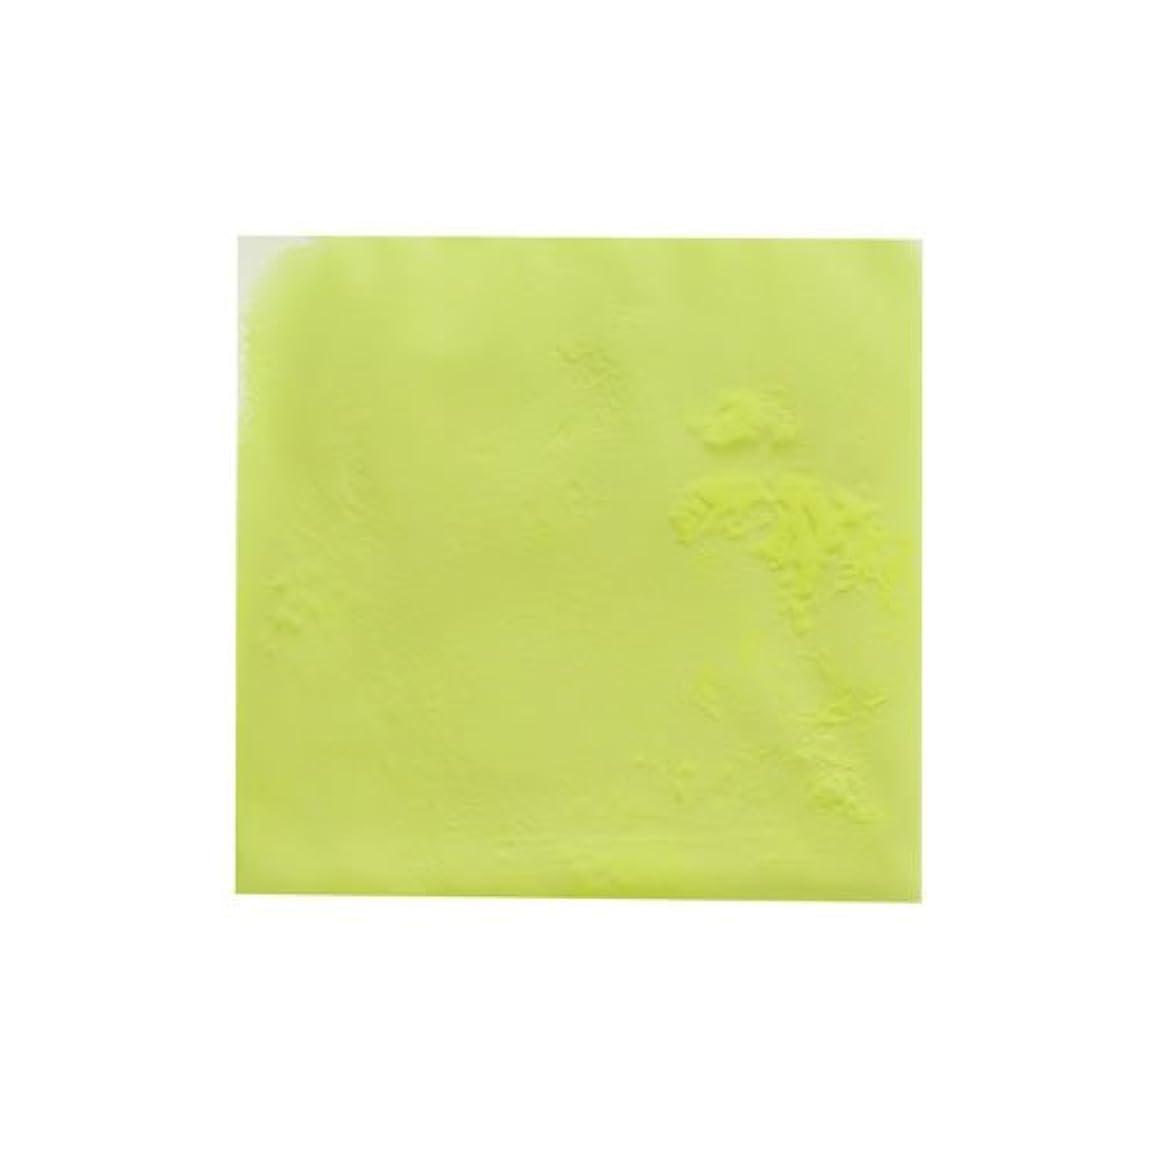 想定する強調する決定ピカエース ネイル用パウダー ピカエース 夜光顔料 蓄光性 #105 レモン 3g アート材